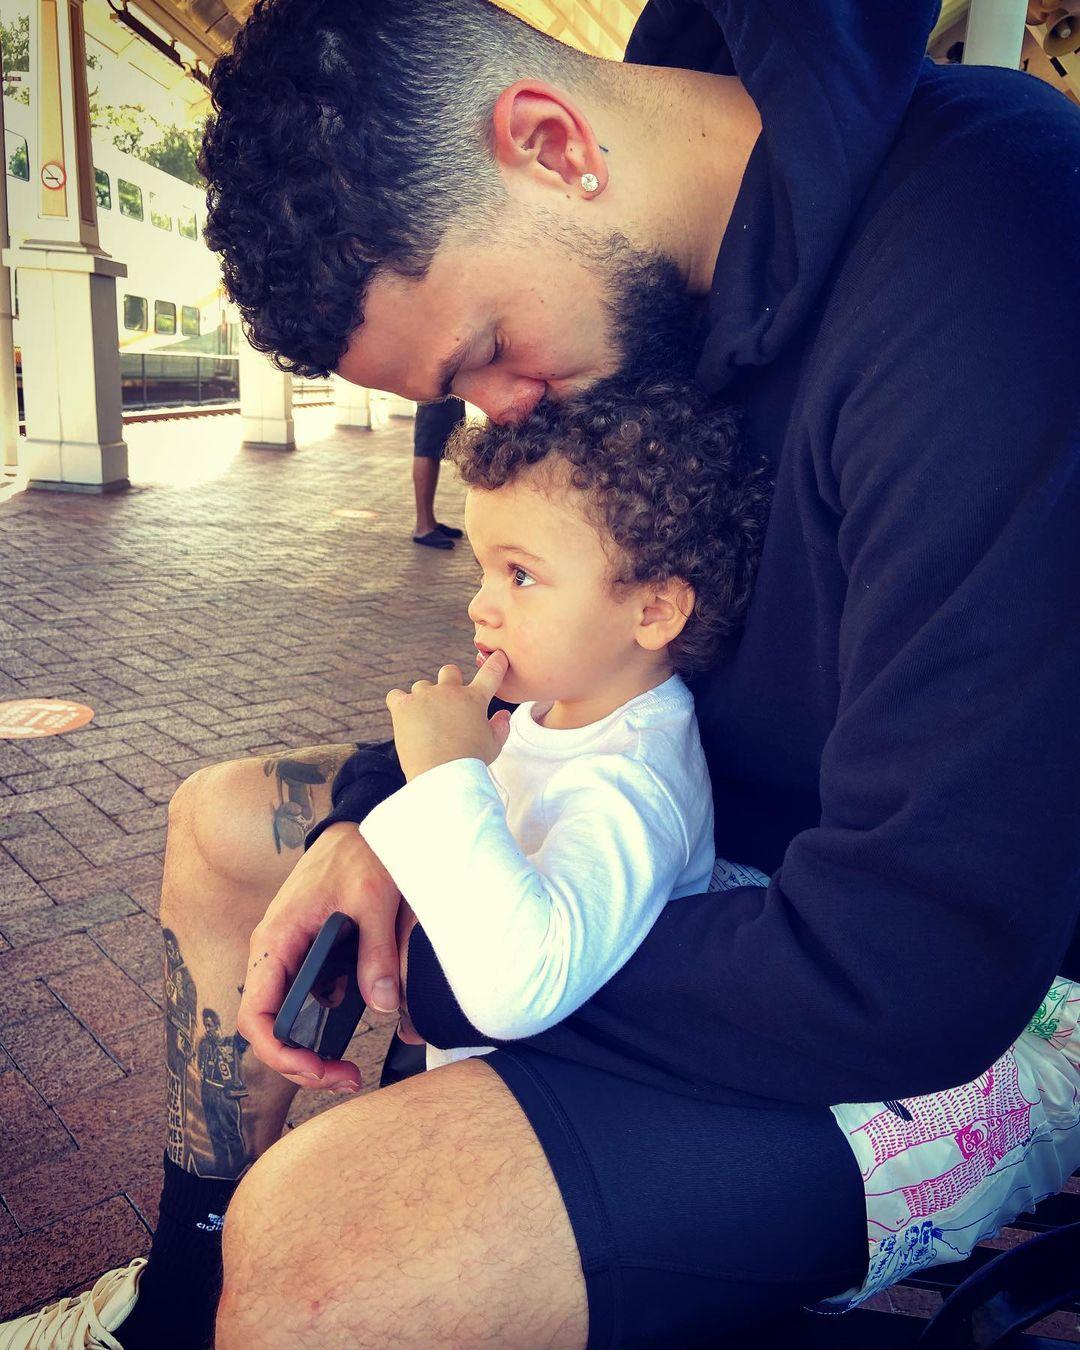 小里弗斯更新Instagram,晒出自己与儿子的亲密合